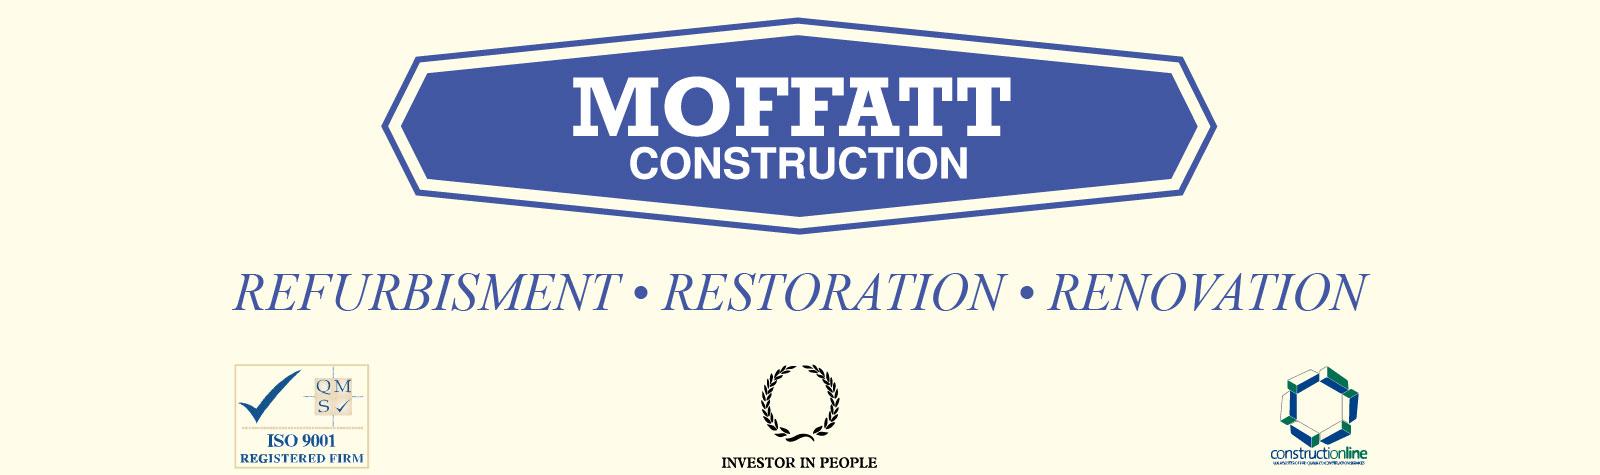 Moffatt banner traced